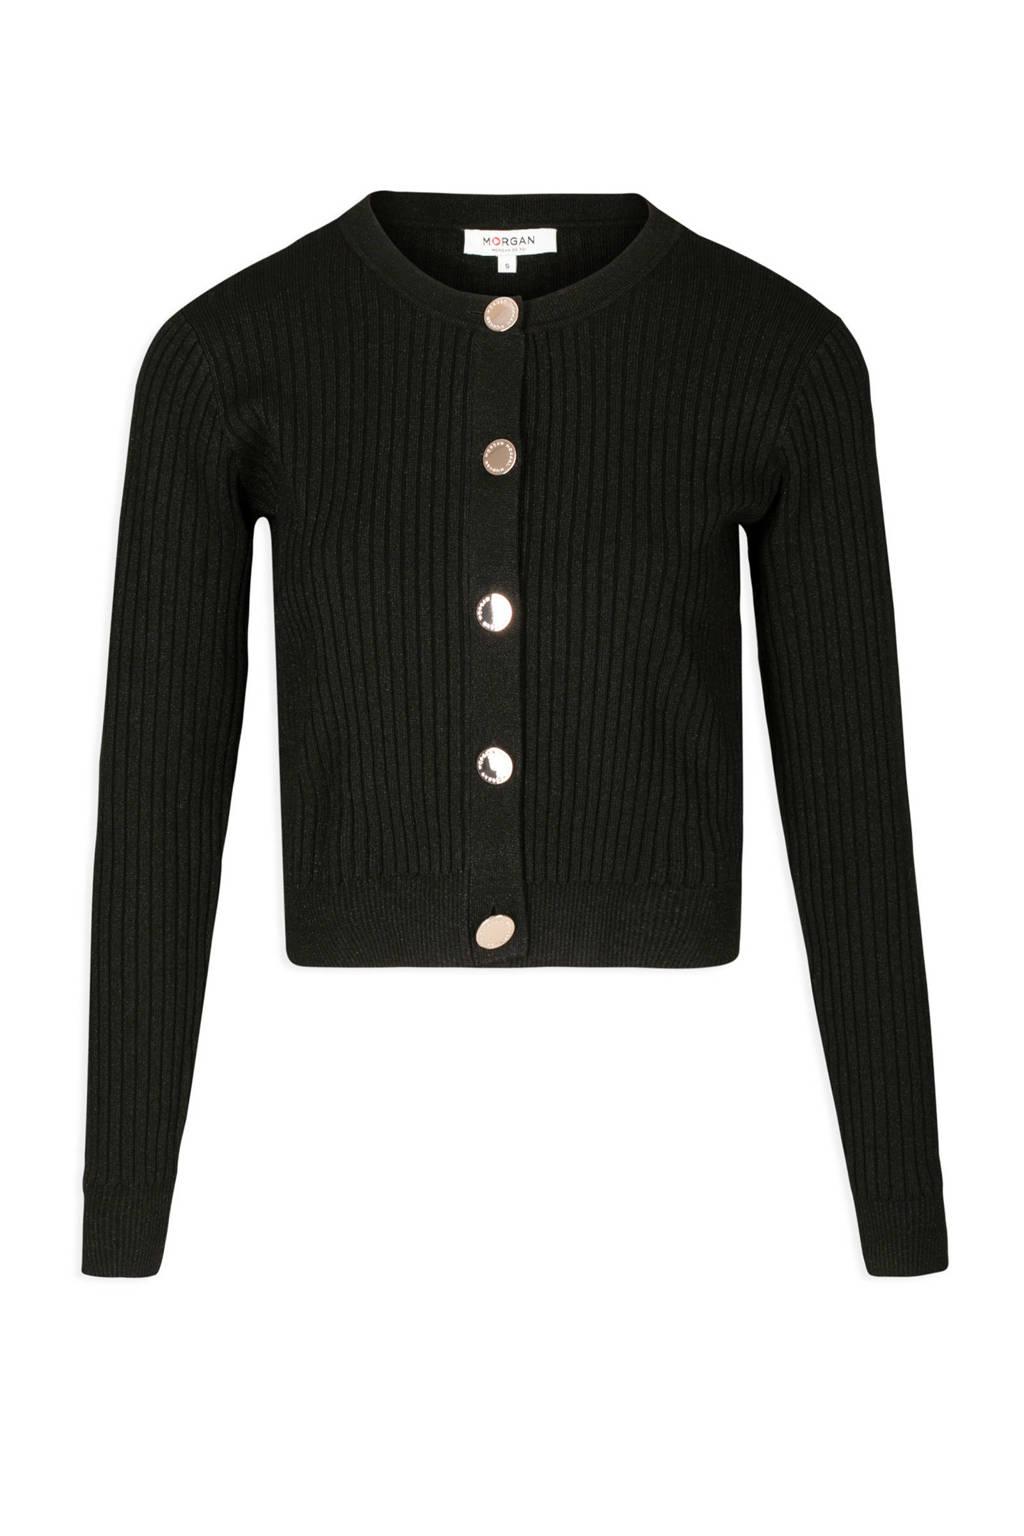 Morgan vest zwart, Zwart